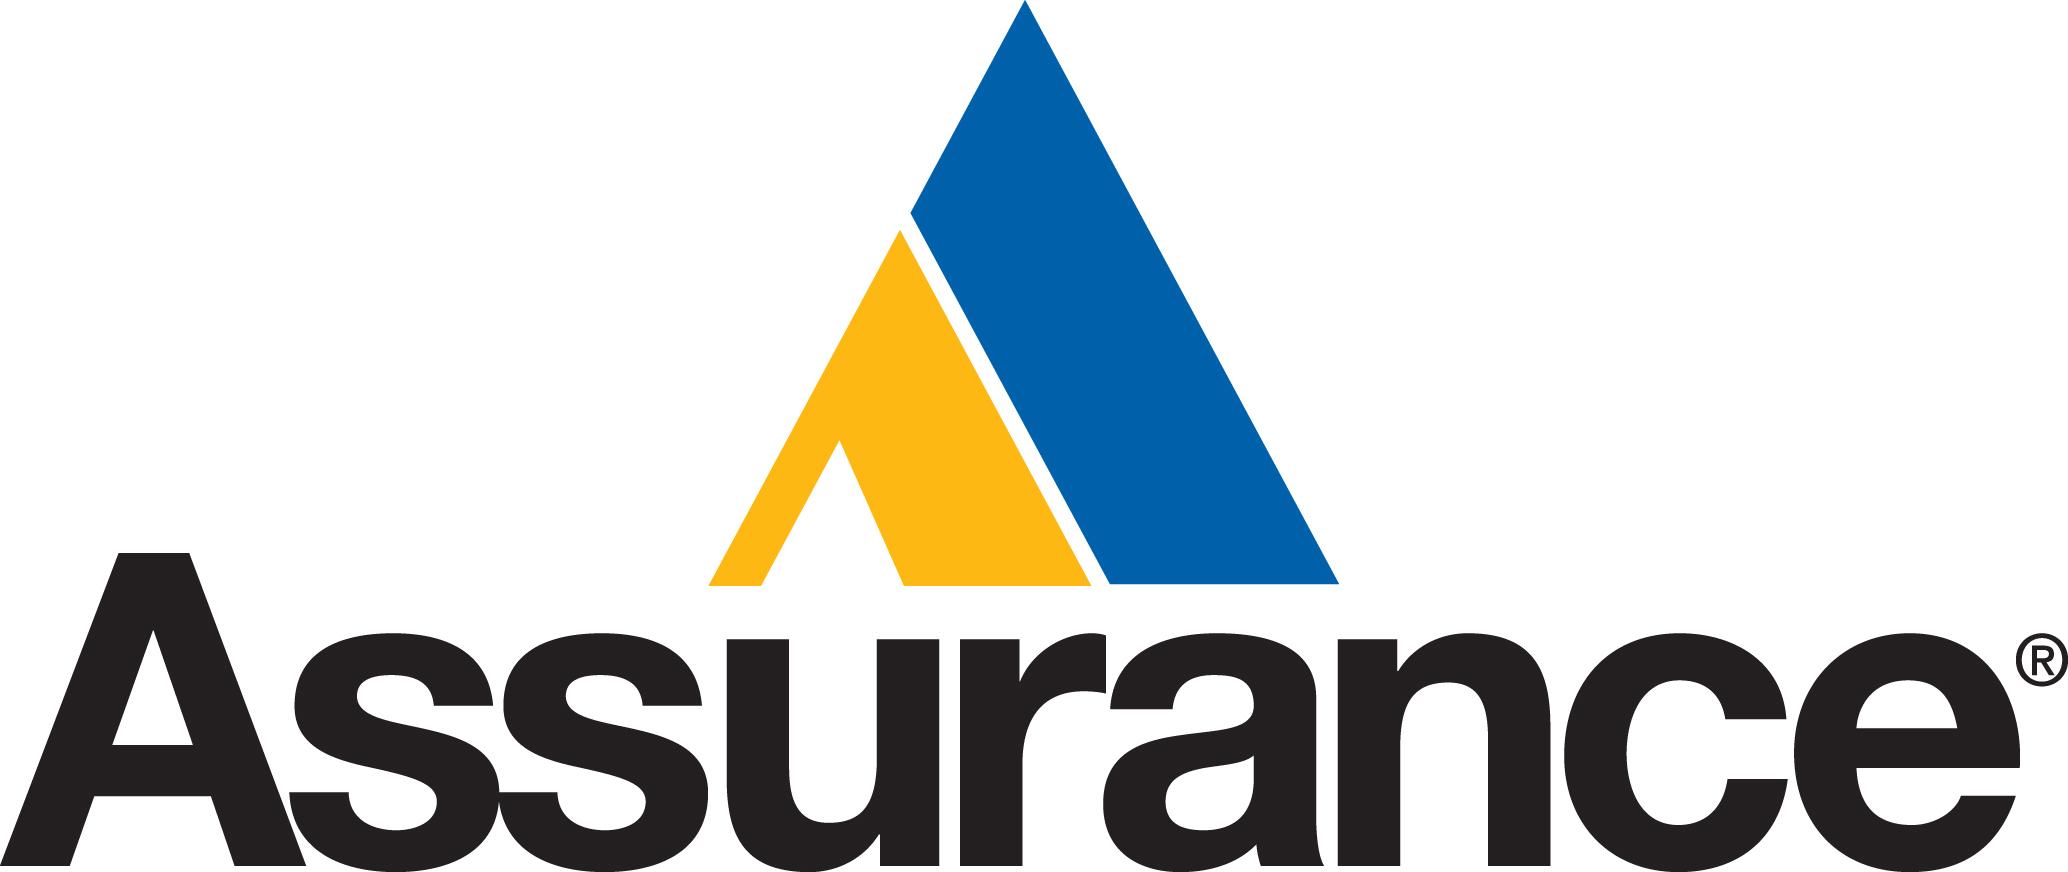 Assurance sponsor logo